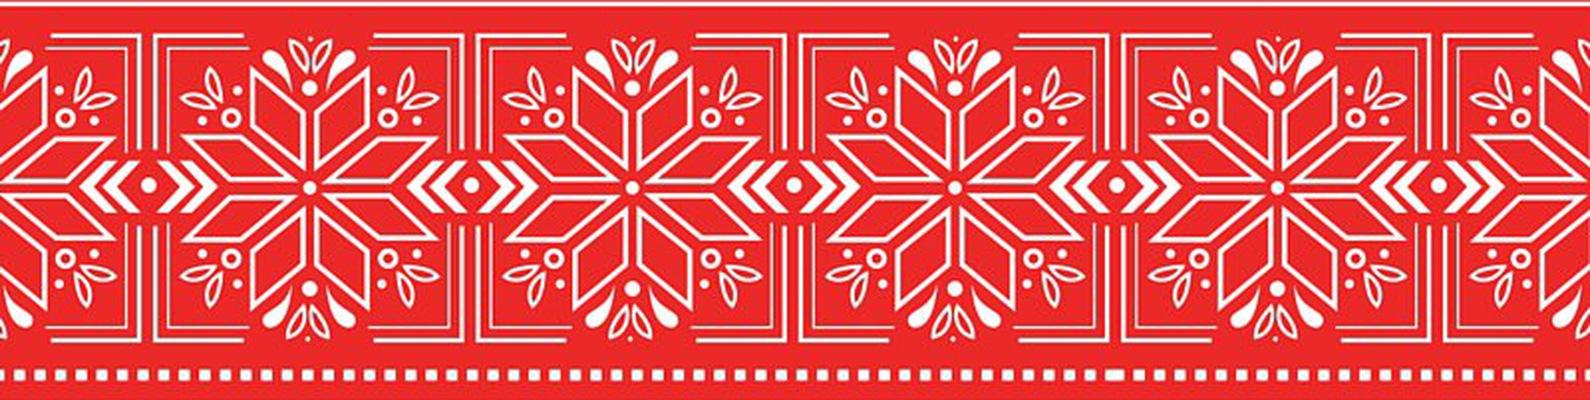 5c8401fefb9d94 Інтернет-магазин Nenka | ВКонтакте